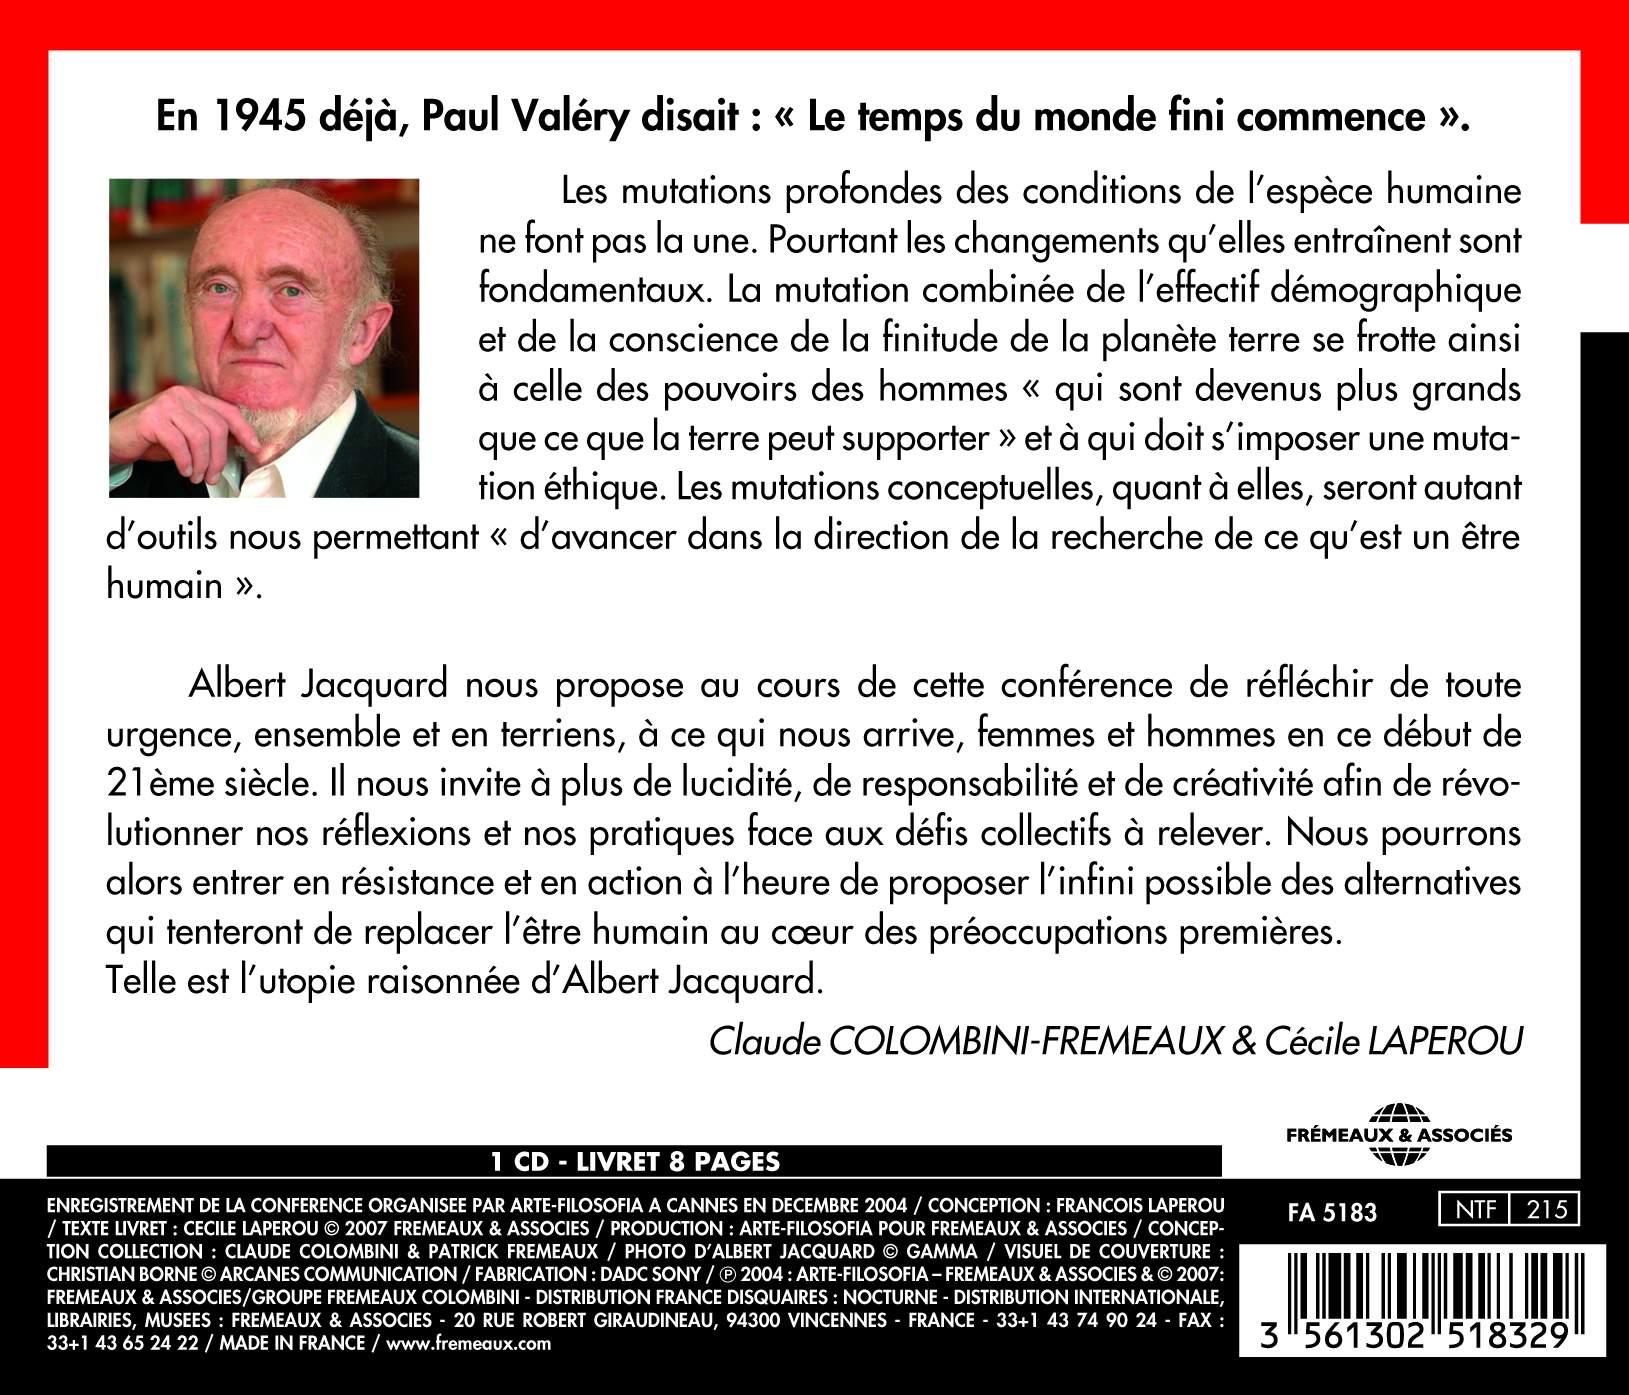 dos-jacquard-fa5183